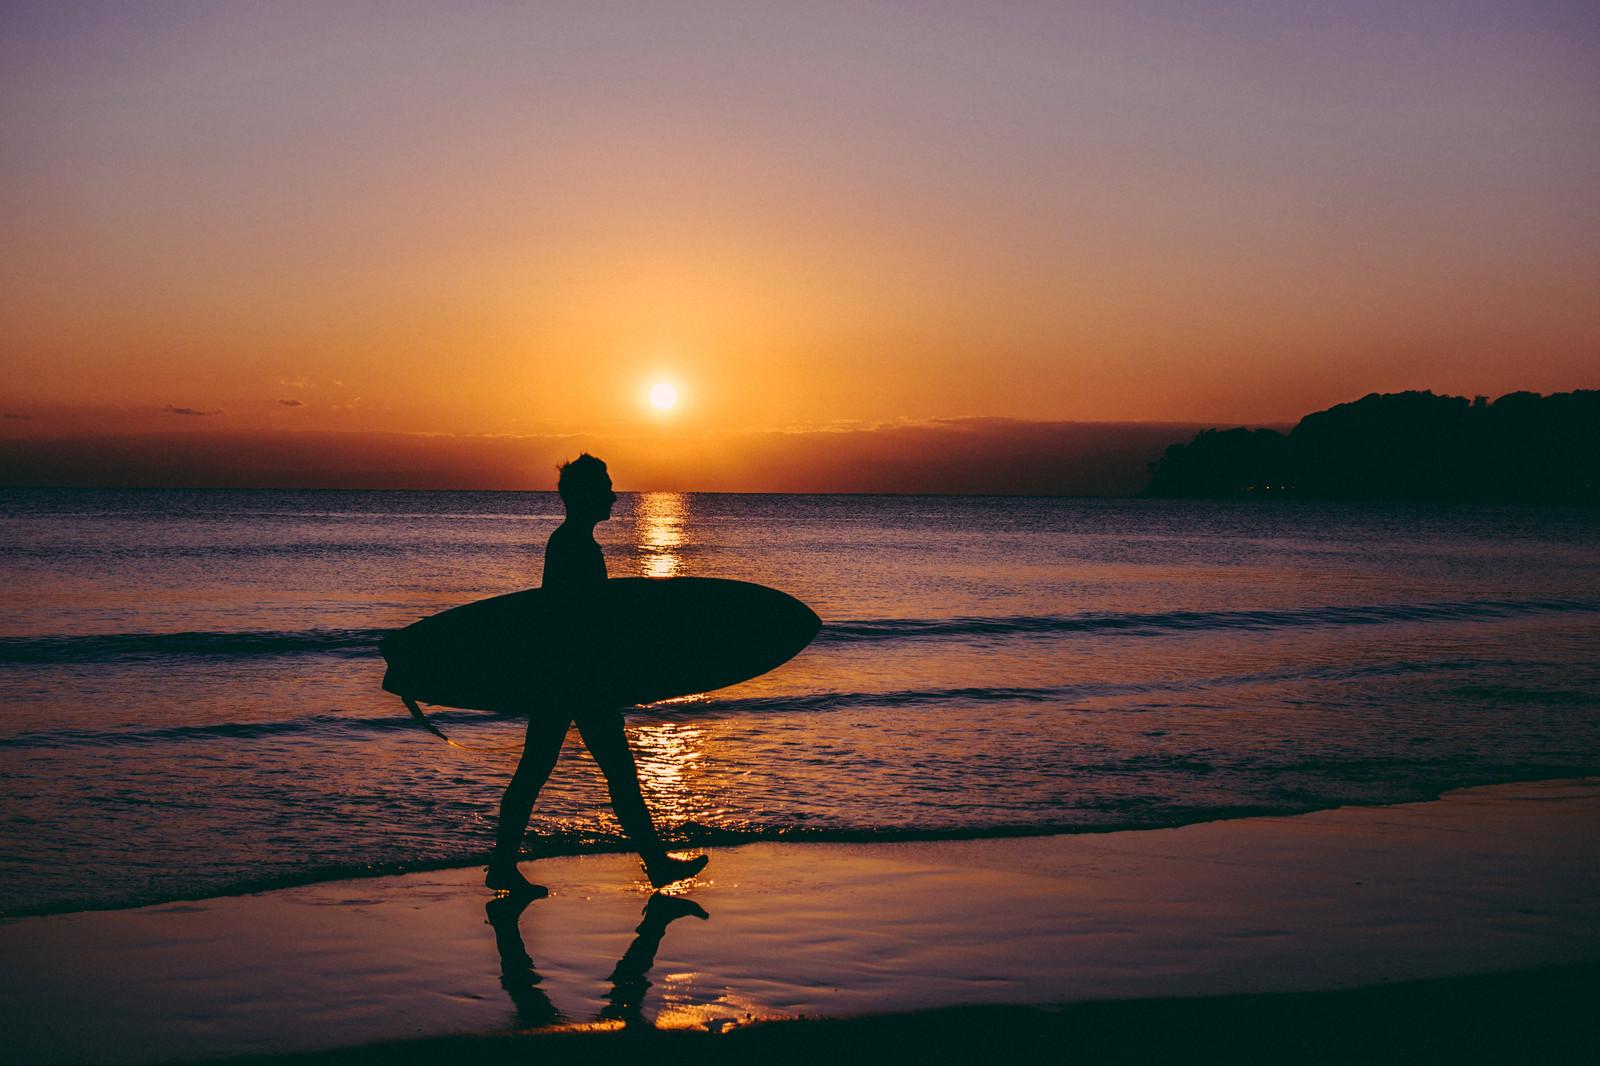 「夕暮れとともに海から上がるサーファー」の写真